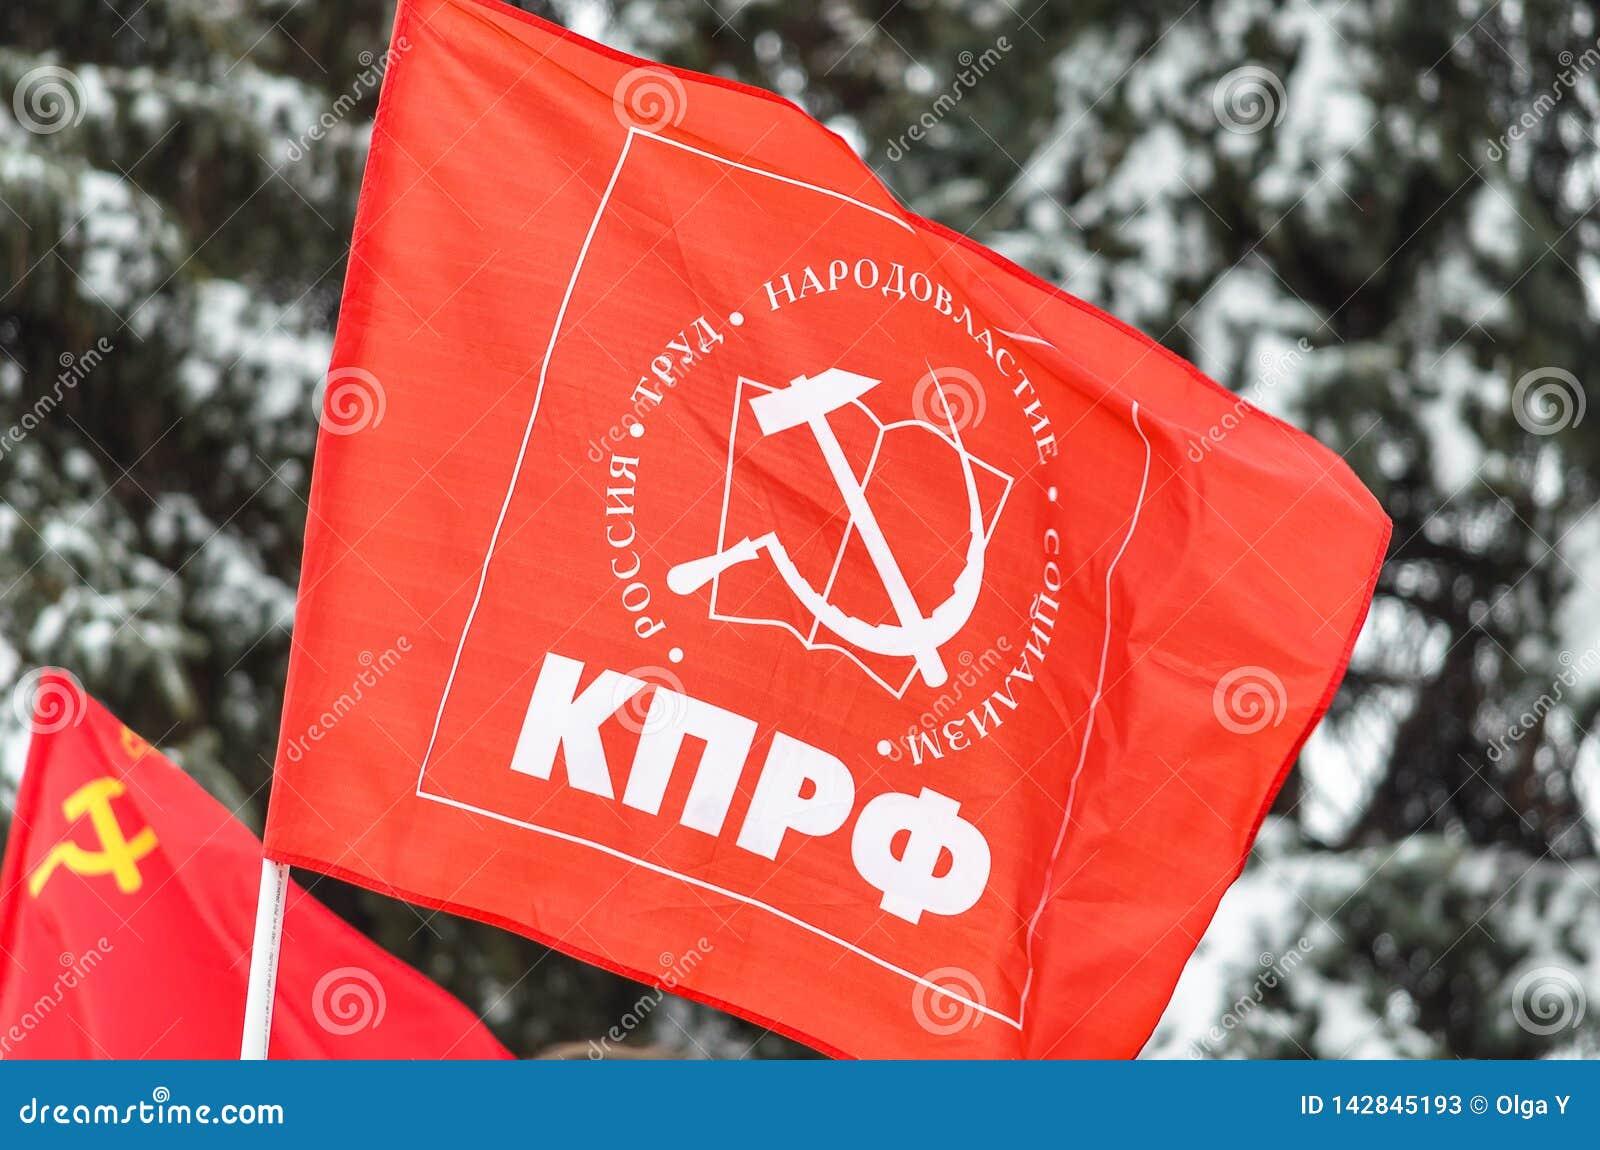 Stadt von Ulyanovsk, Russland, march23, 2019, die Flagge des Kommunistischen Parteien Russlands gegen den Hintergrund